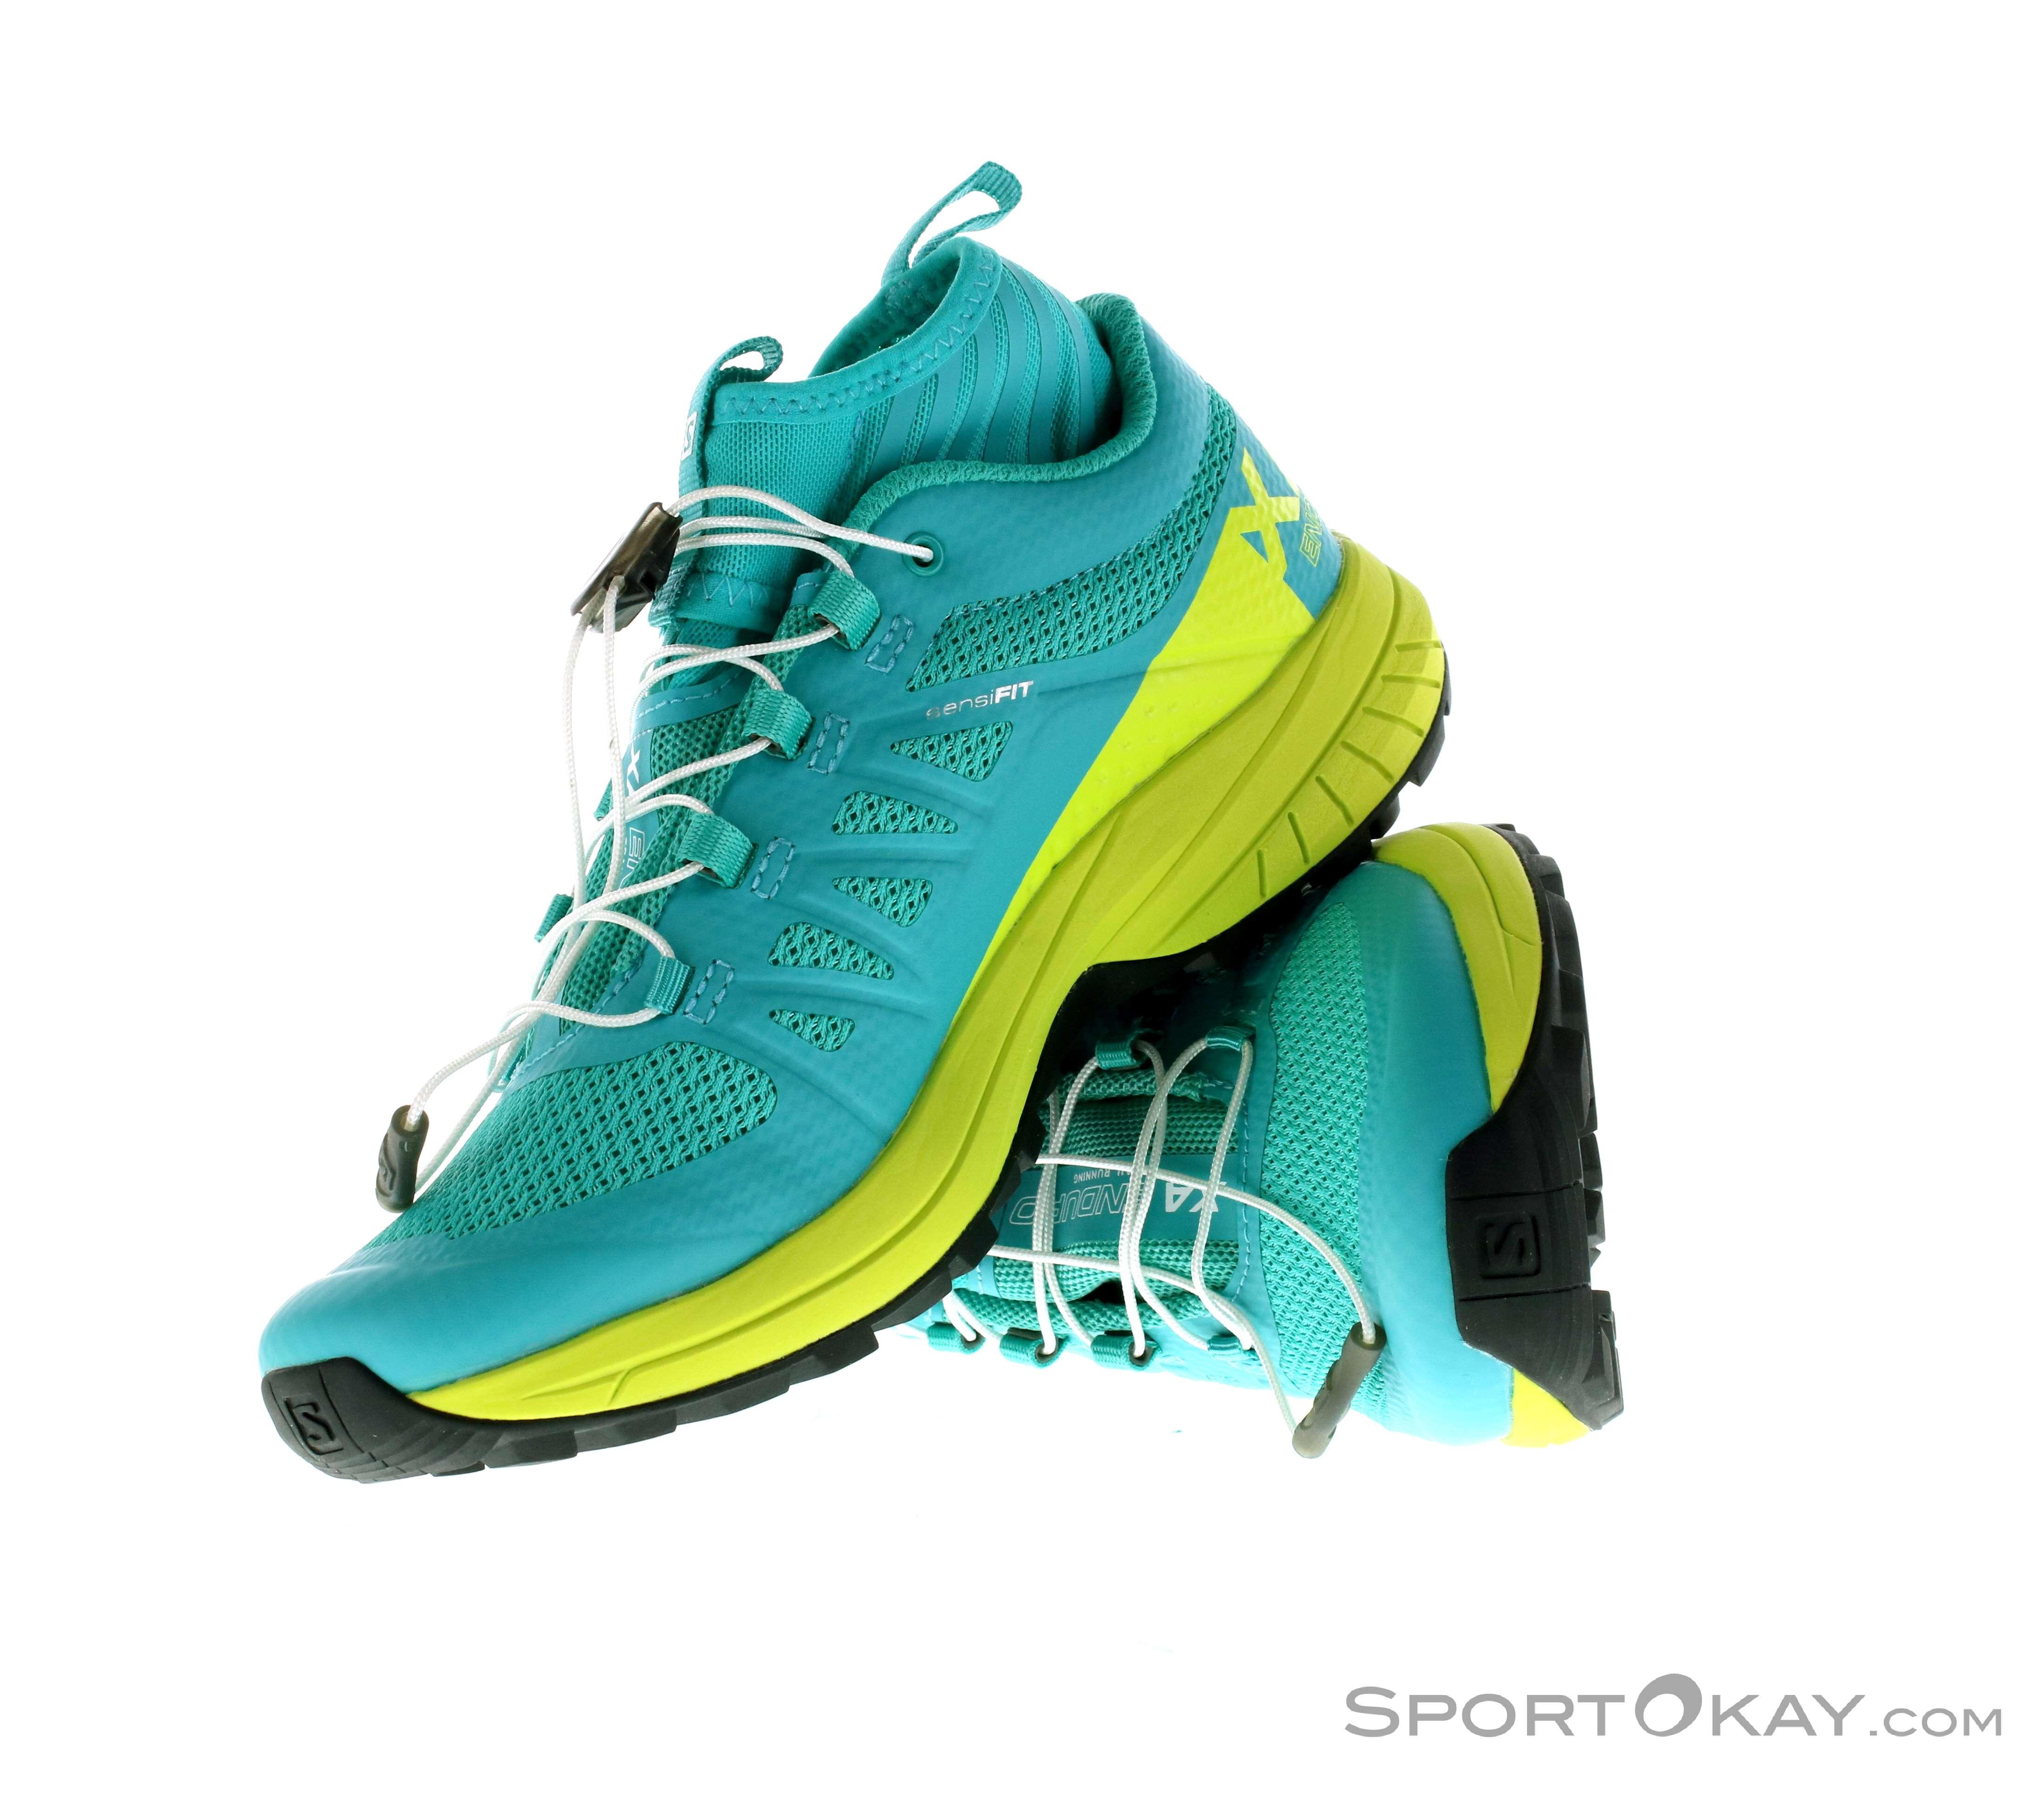 Salomon Salomon XA Enduro Damen Traillaufschuhe